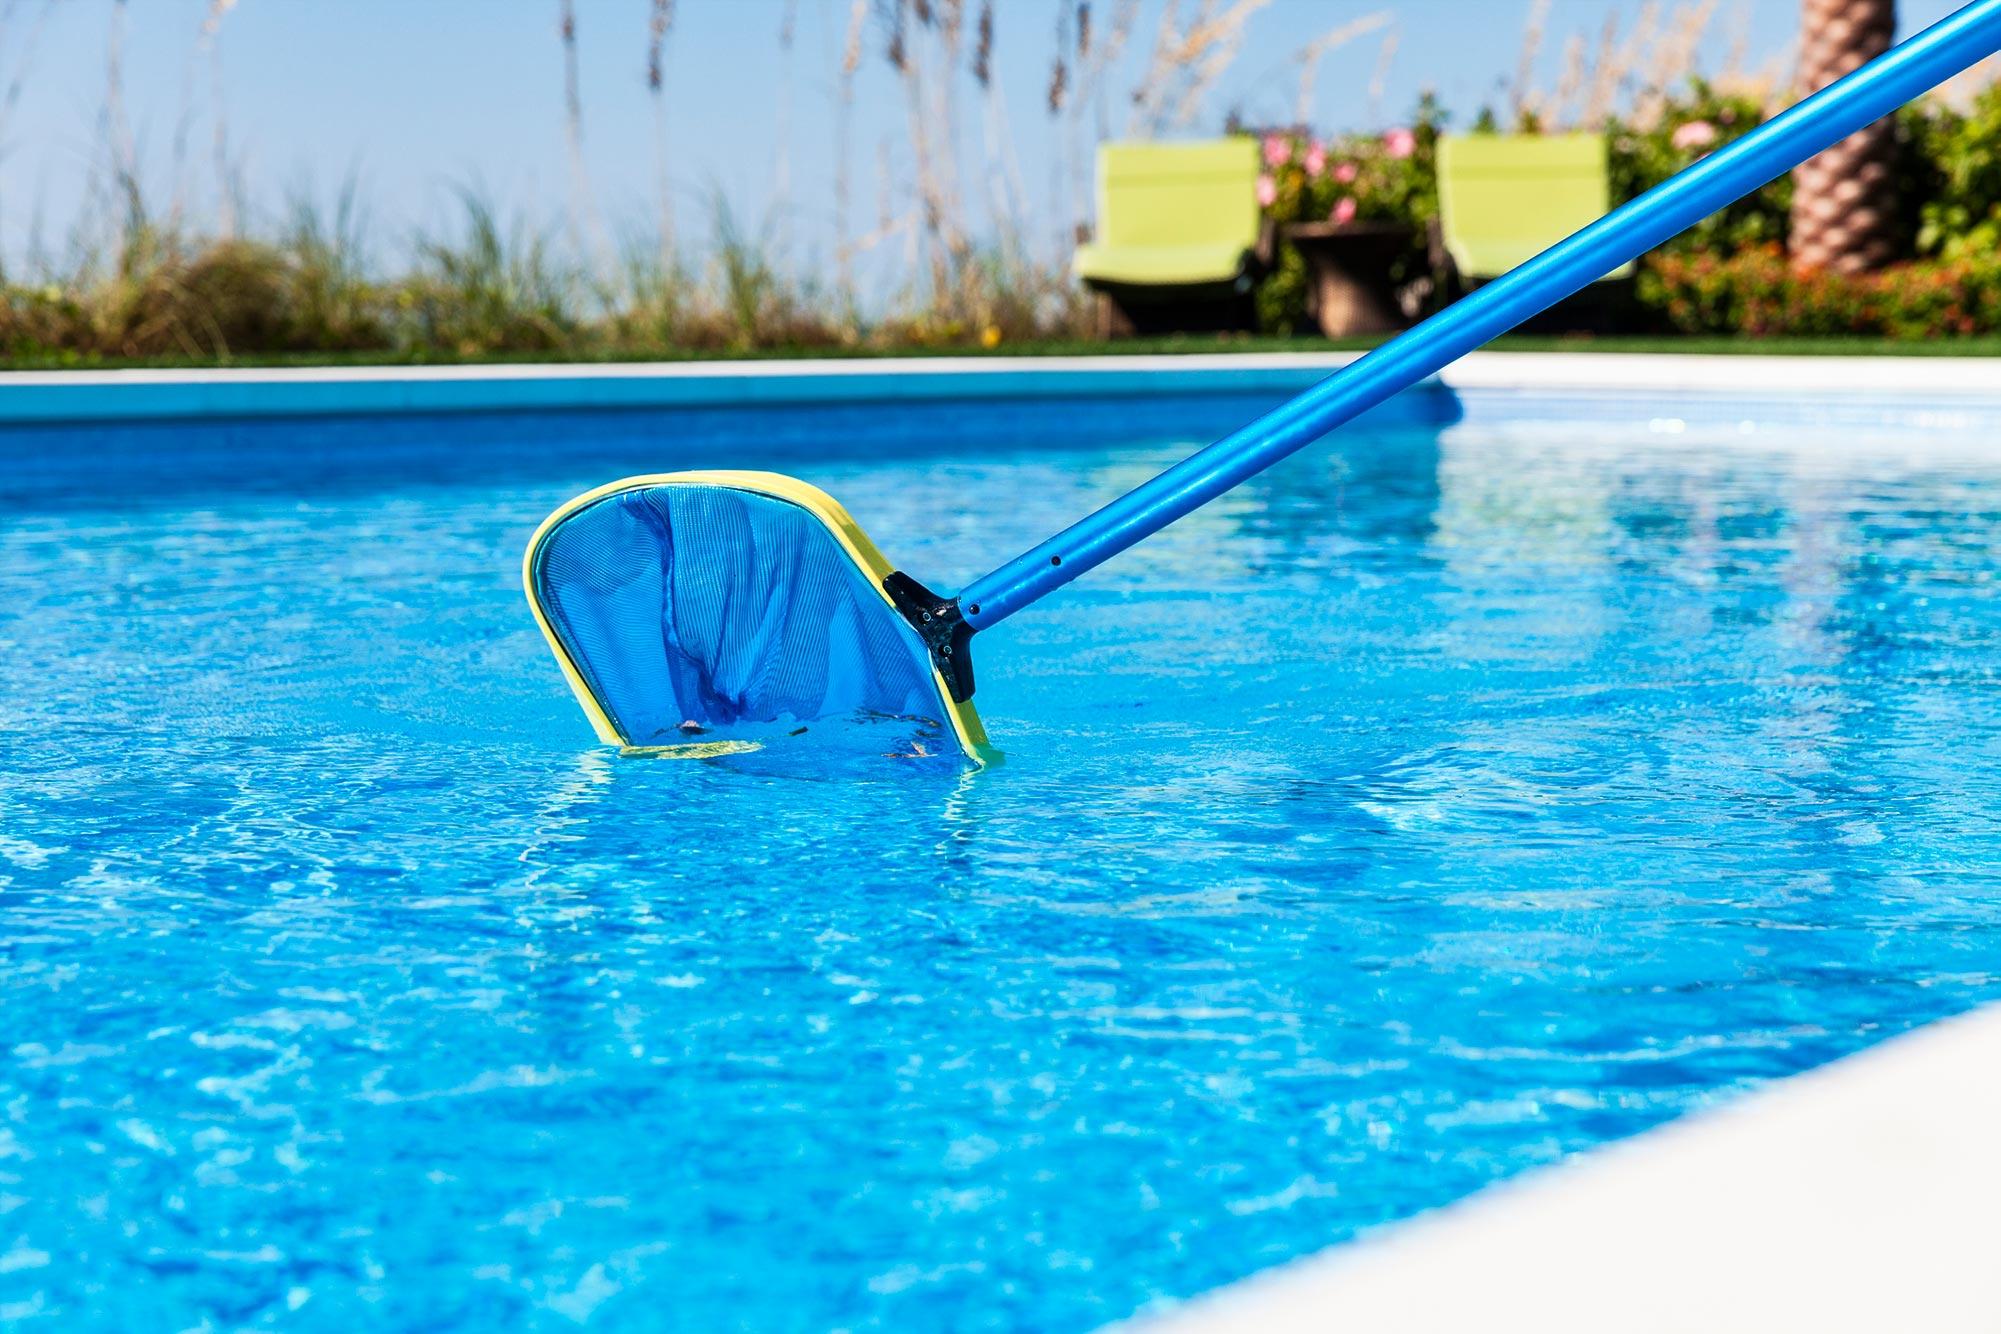 pool-tillbehör